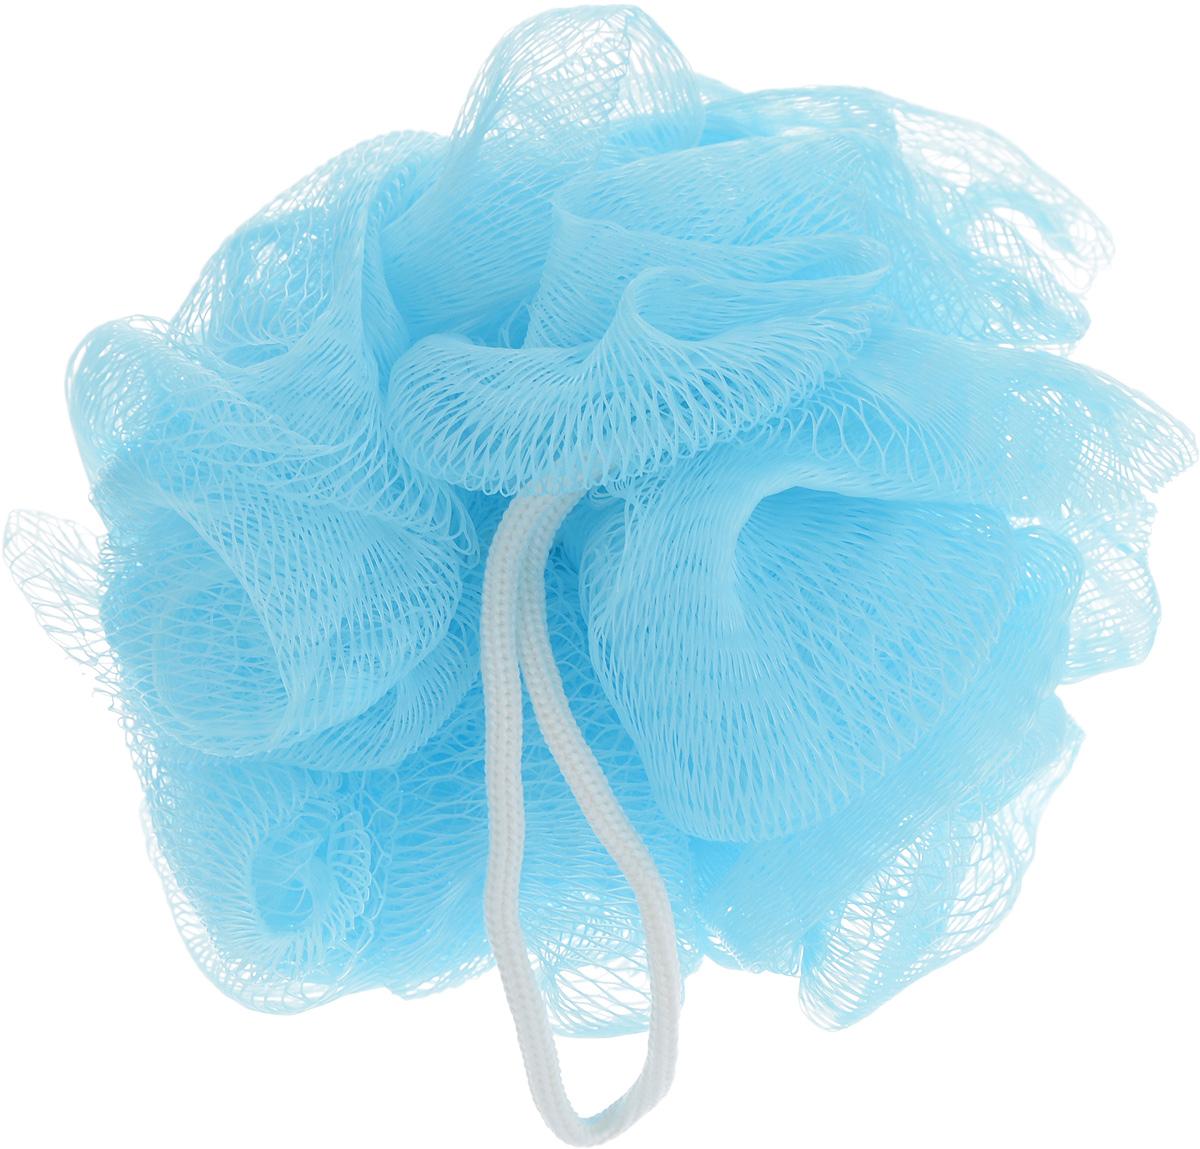 Мочалка The Body Time, цвет: голубойSC-FM20101Мочалка The Body Time, выполненная из нейлона, предназначена для мягкого очищения кожи. Она станет незаменимым аксессуаром ванной комнаты. Мочалка отлично пенится, обладает легким массажным воздействием, идеально подходит для нежной и чувствительной кожи. На мочалке имеется удобная петля для подвешивания. Диаметр: 10 см.